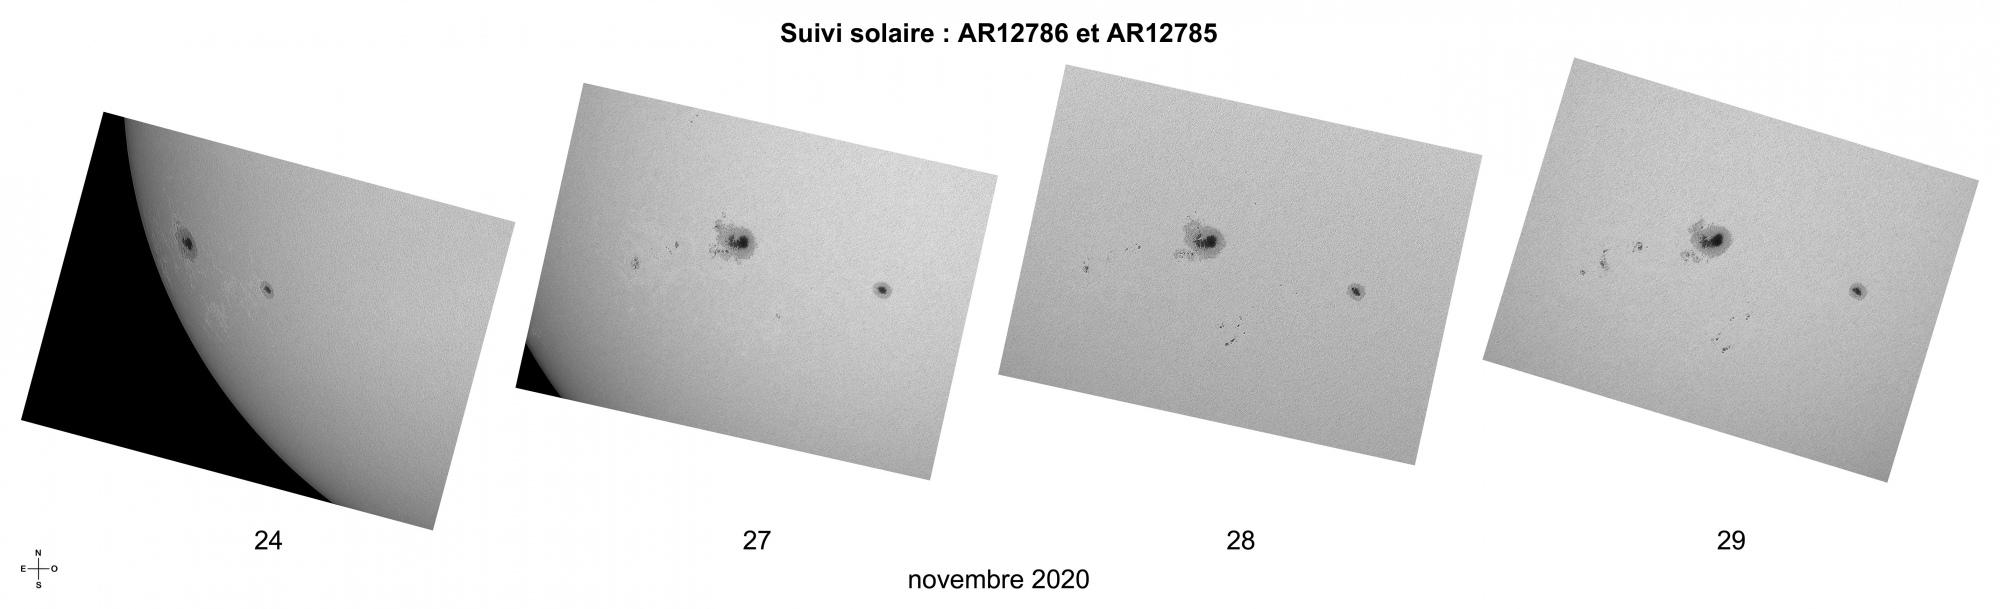 Soleil_suivi_AR12785_86-202011-PSAS.thumb.jpg.02bf62b15fd9e9d5265184478d4c7fa3.jpg